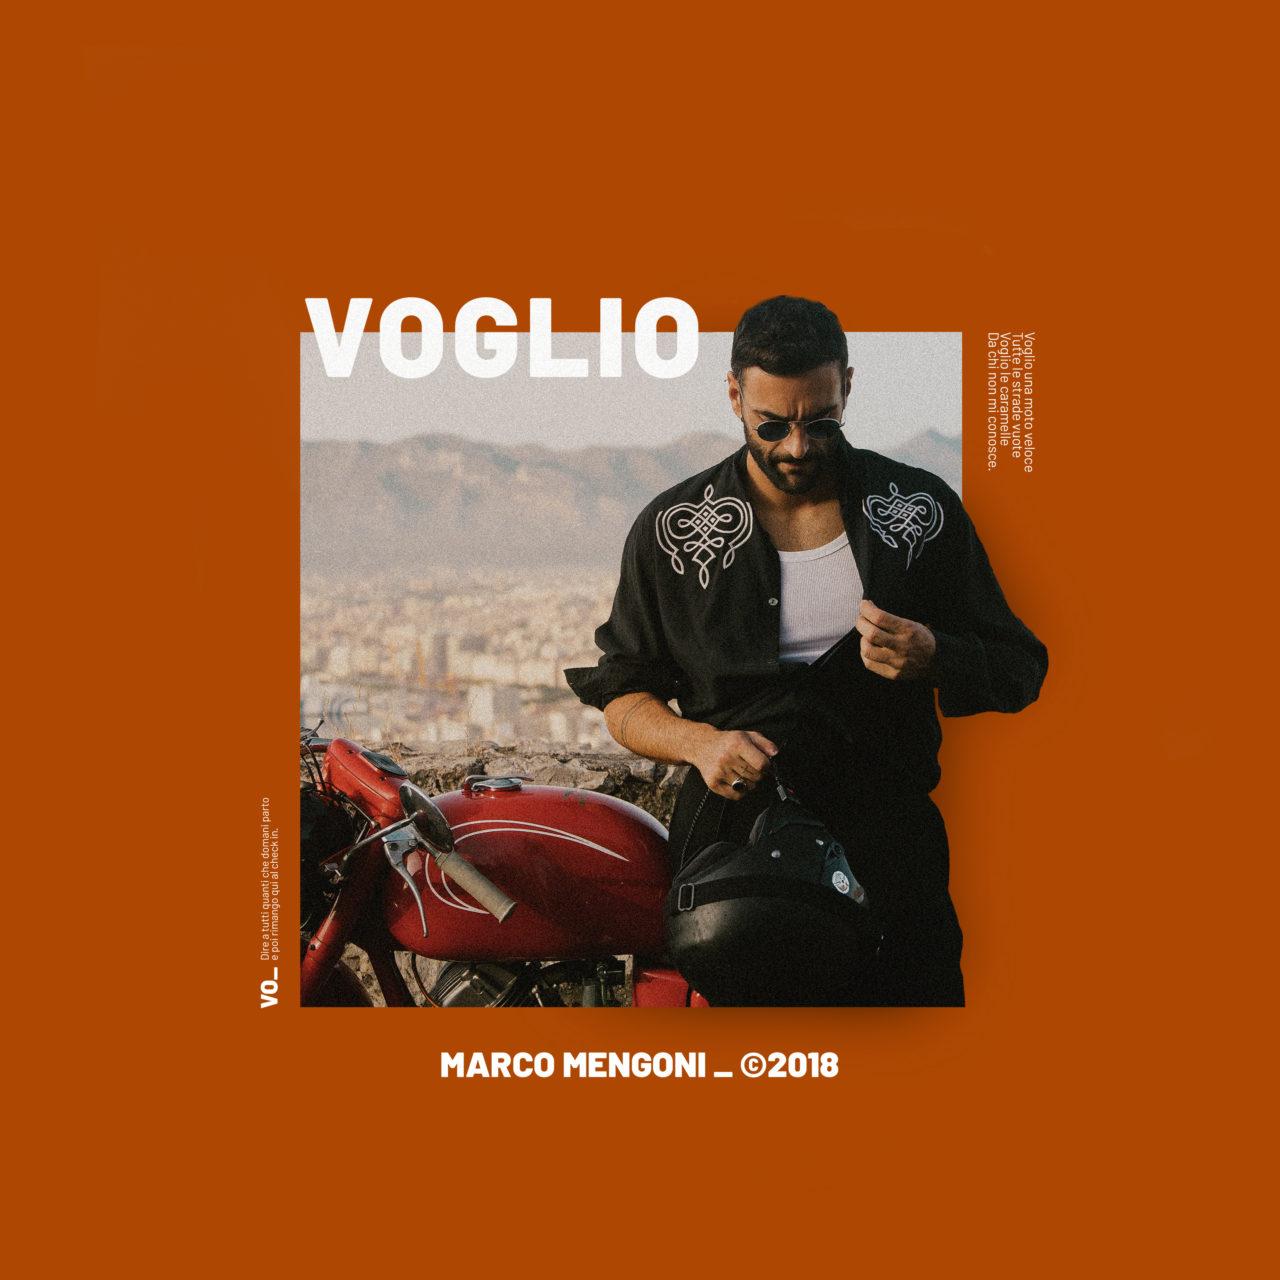 MARCO MENGONI VOGLIO – TOUR 2019